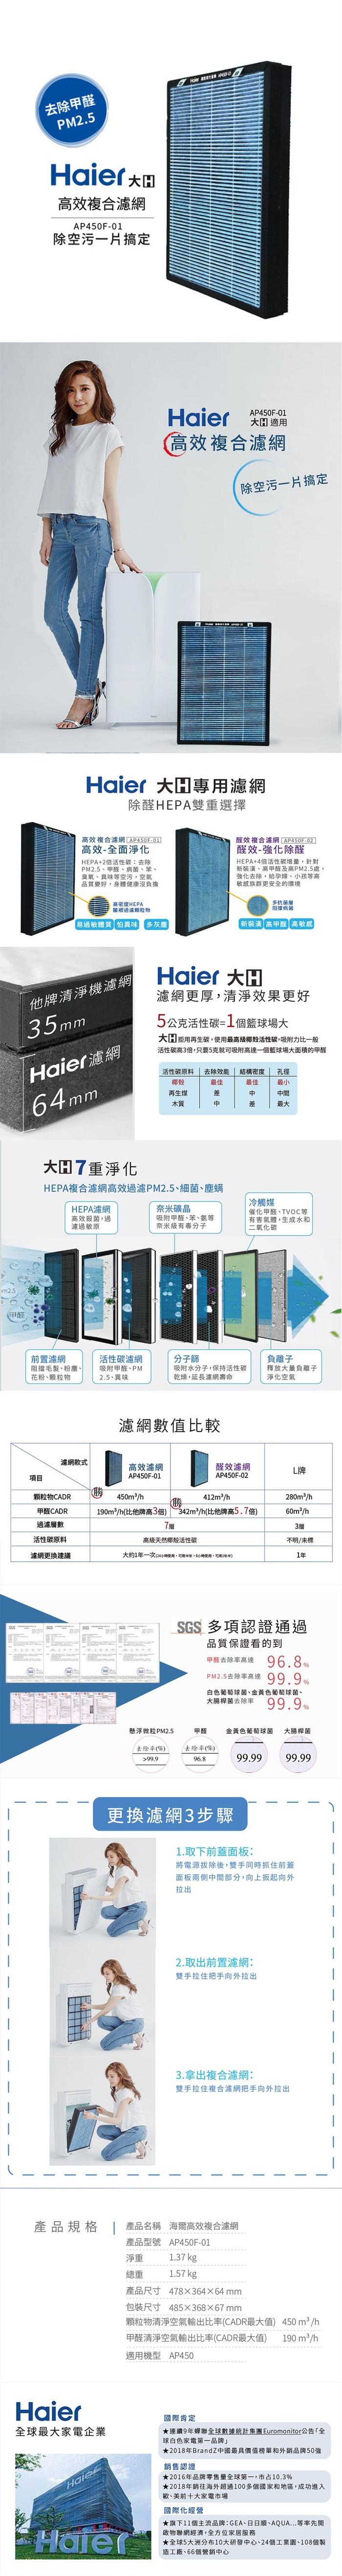 Haier|AP450F-01 大H高效複合濾網